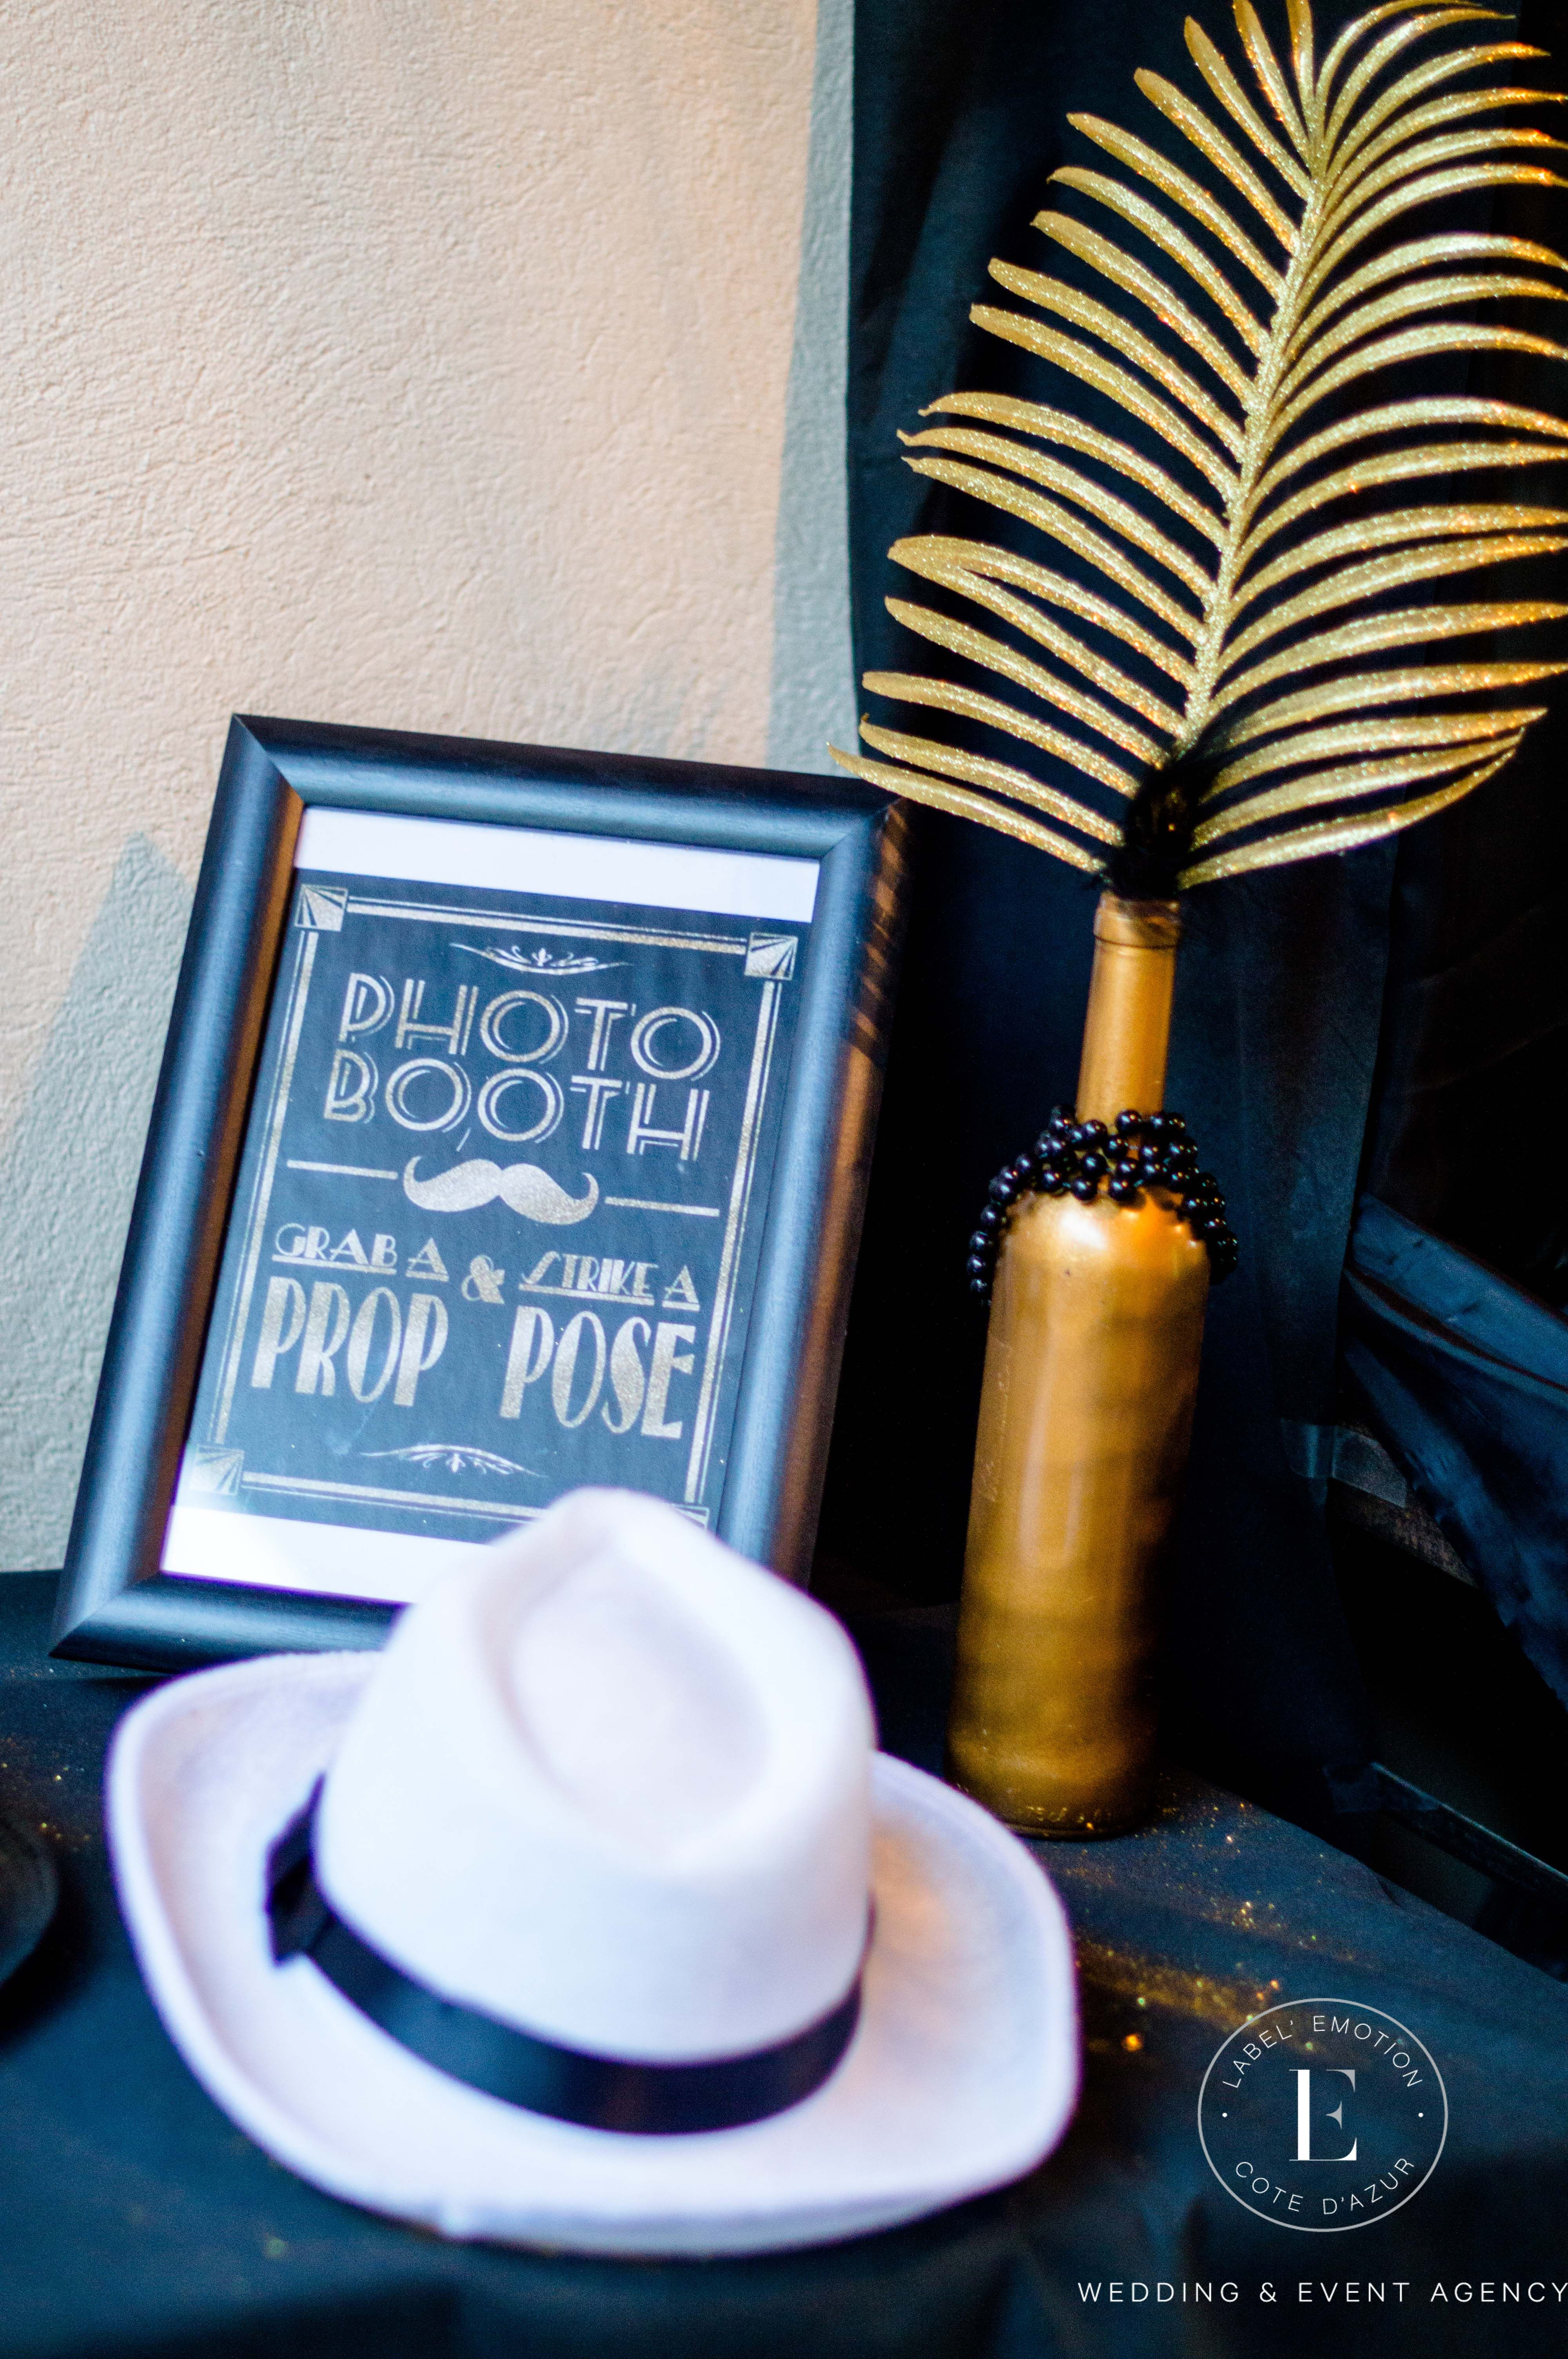 d tails d 39 une d coration pour votre mariage sur le th me des ann es folles 1920 gatsby. Black Bedroom Furniture Sets. Home Design Ideas